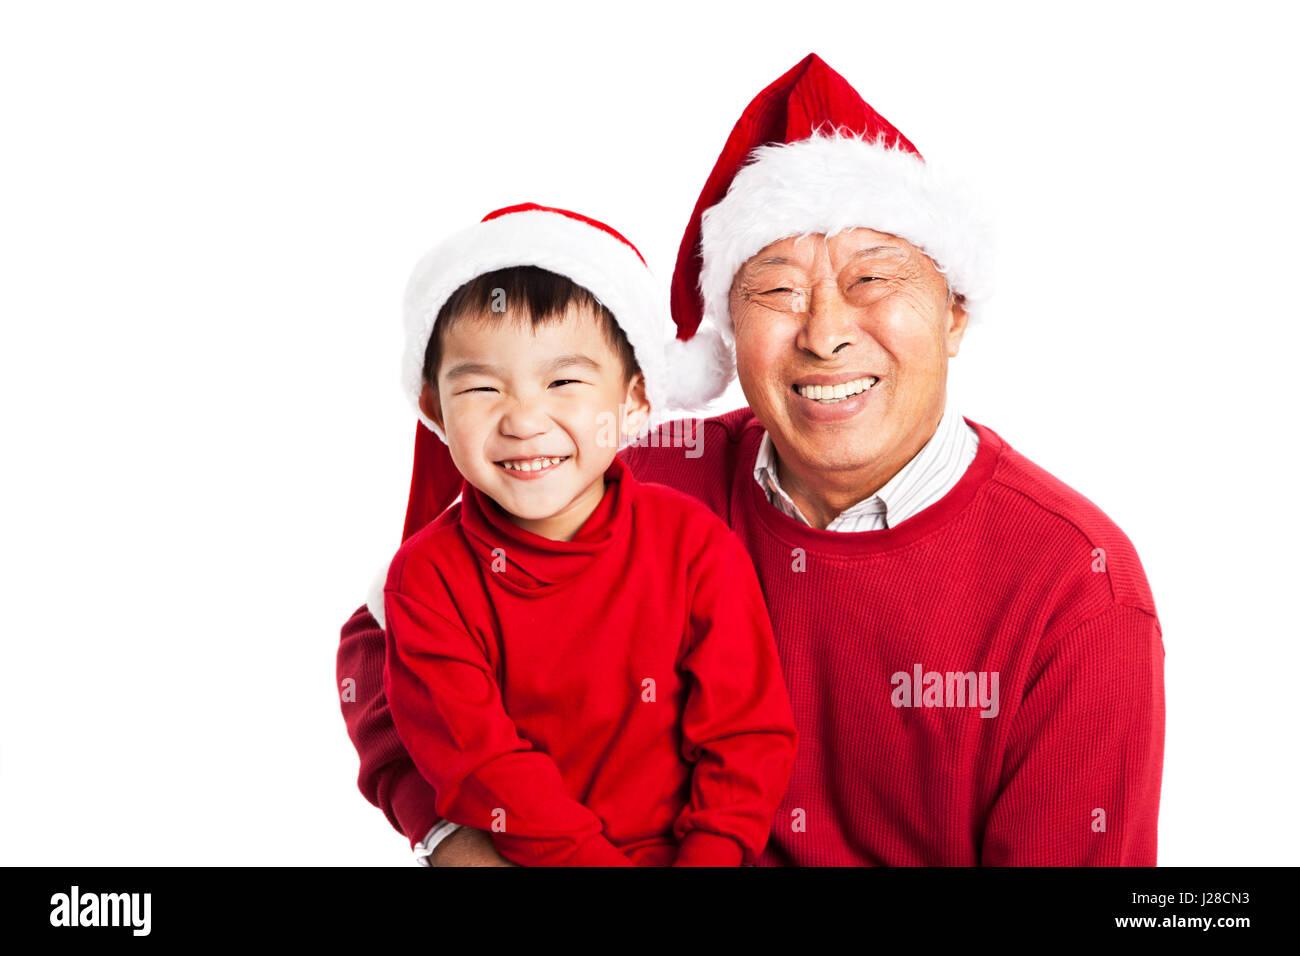 Une photo de grand-père asiatique fêter Noël avec son petit-fils Photo Stock